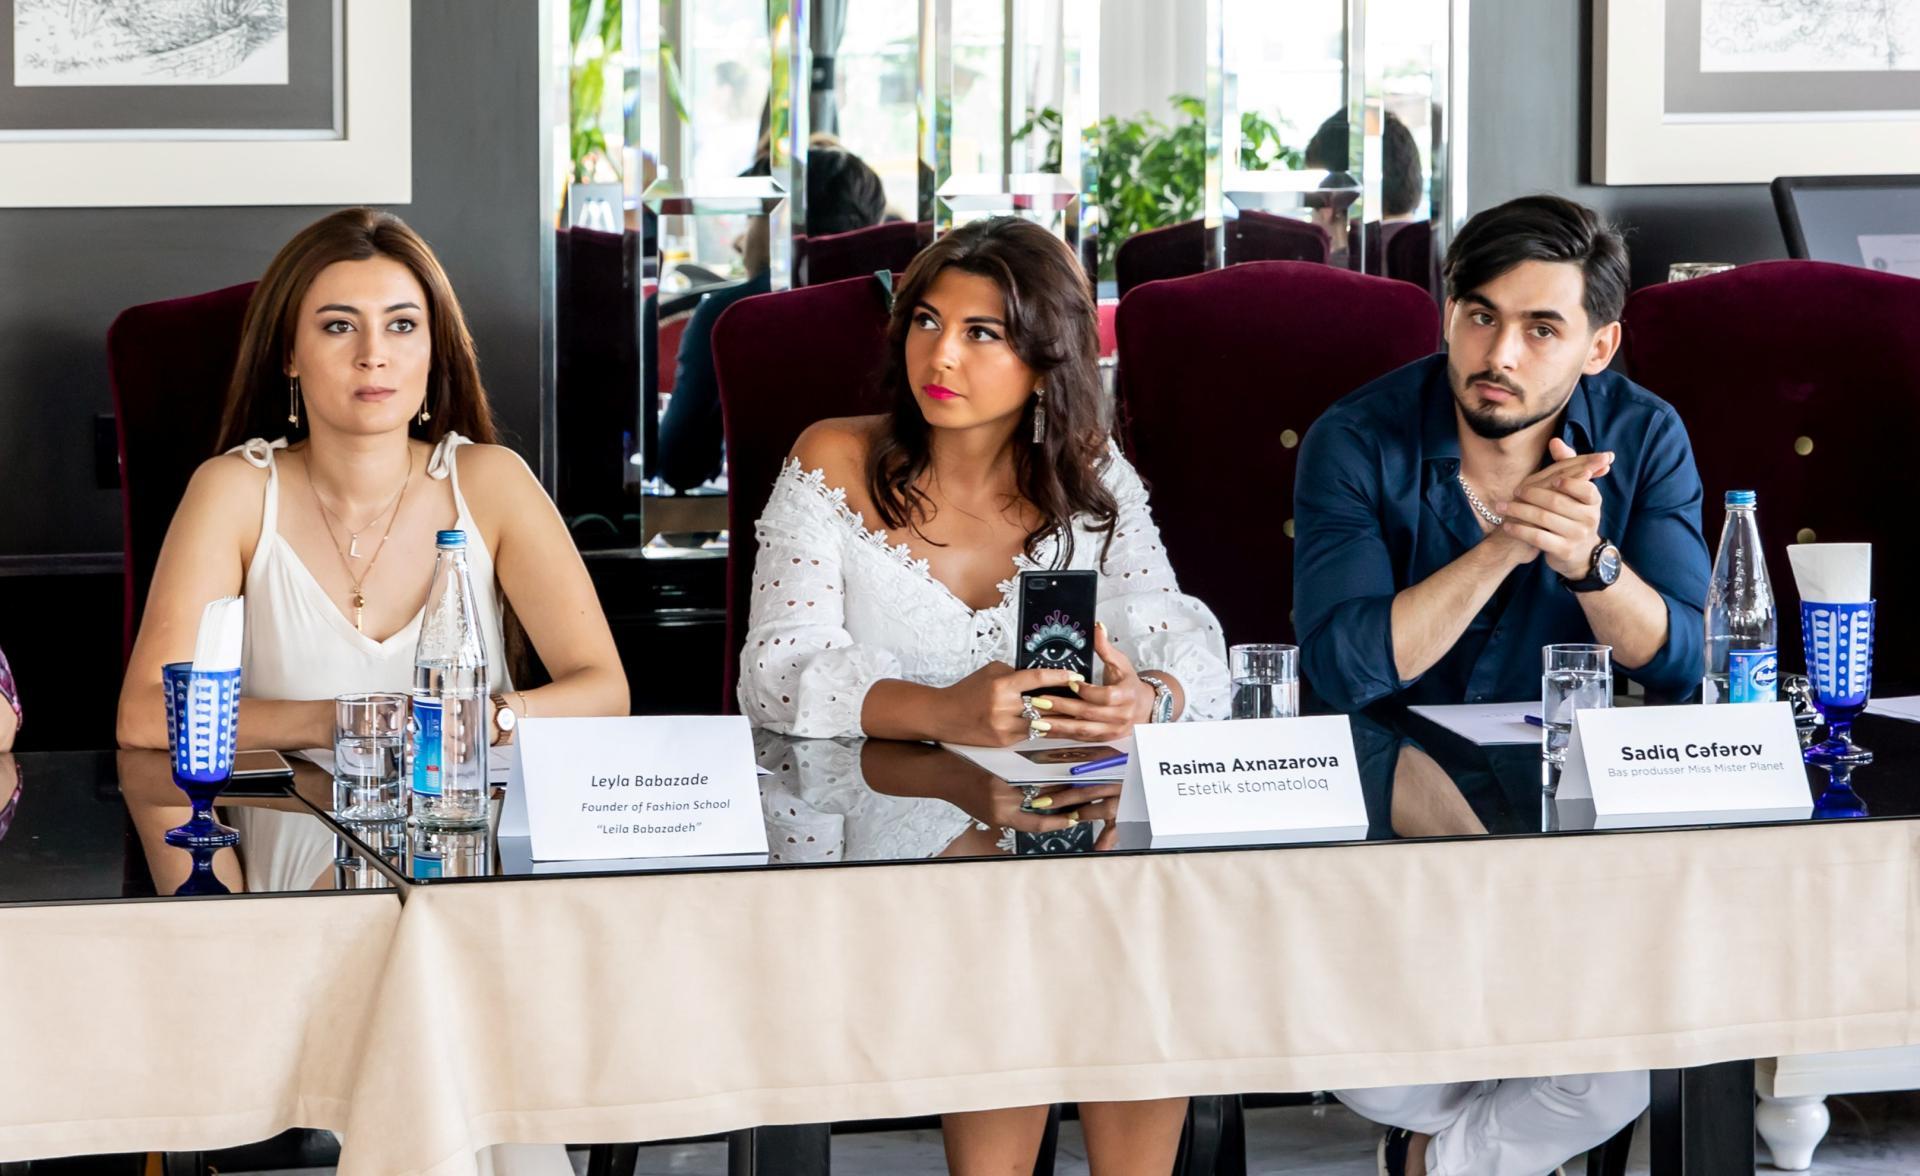 Определились участники финальной стадии Miss&Mister Planet of Azerbaijan 2019 (ФОТО)